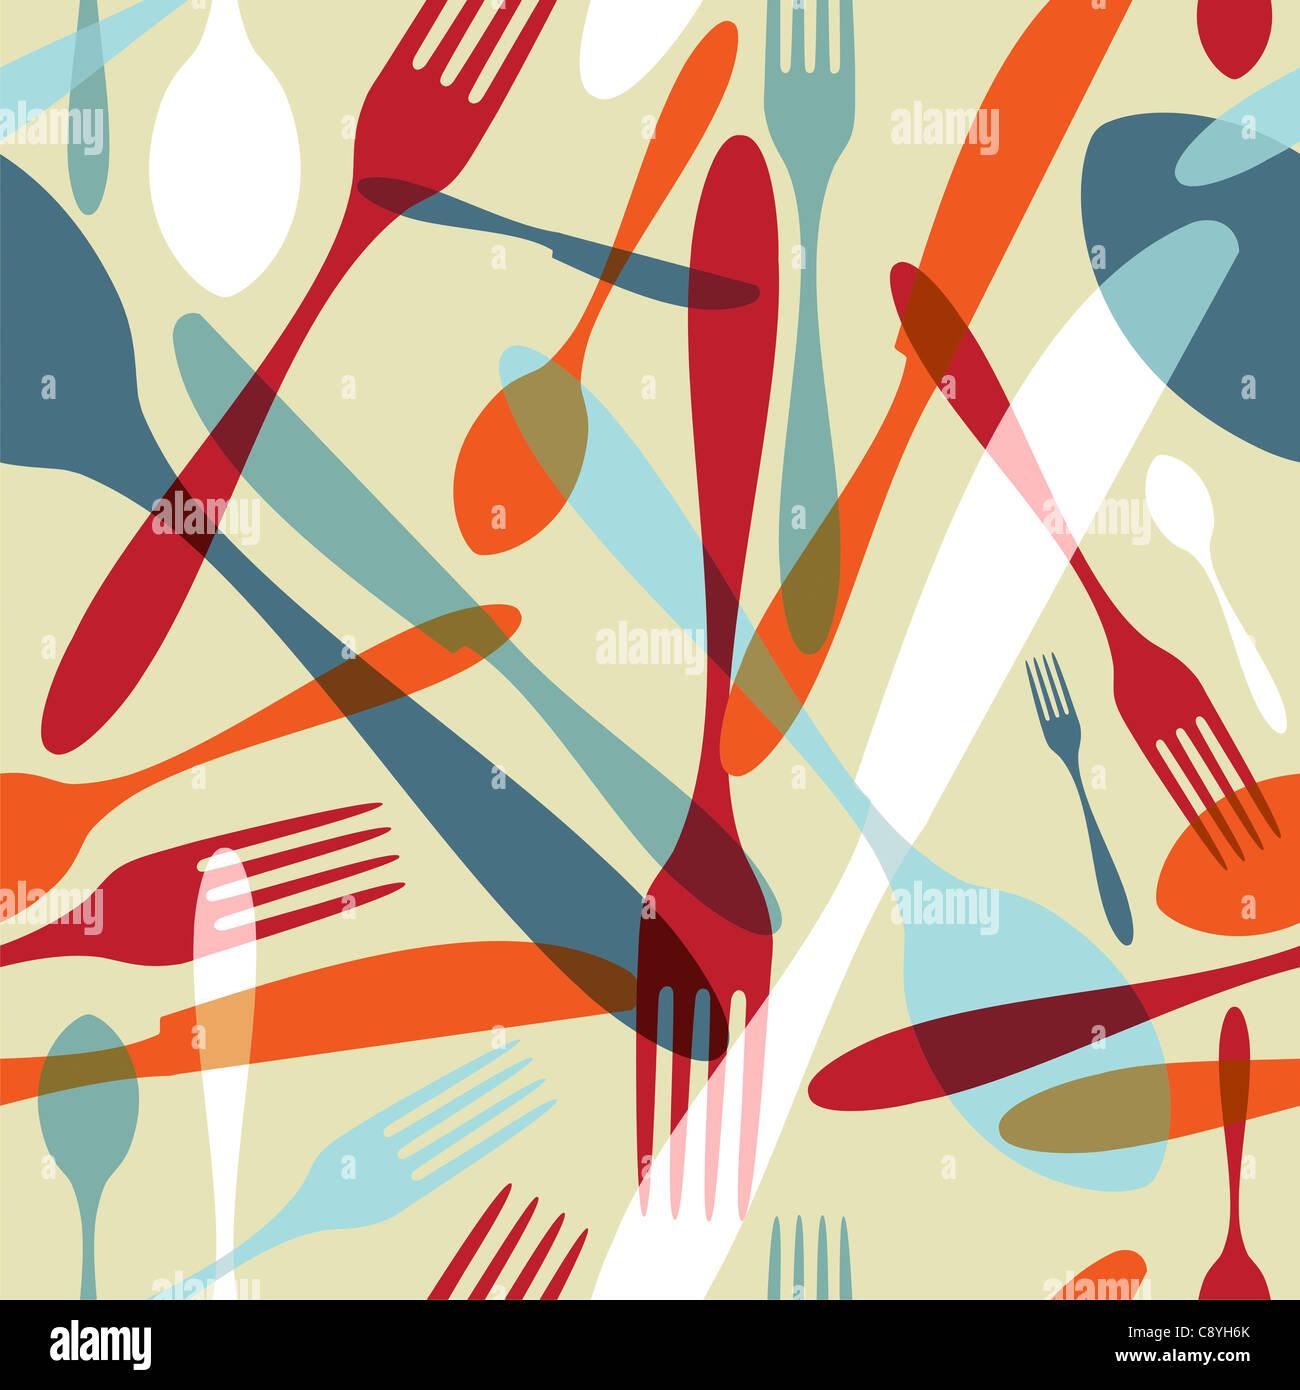 Iconos de platería de transparencia de fondo de la trama perfecta. Tenedor, cuchara y cuchillo siluetas en diferentes Foto de stock